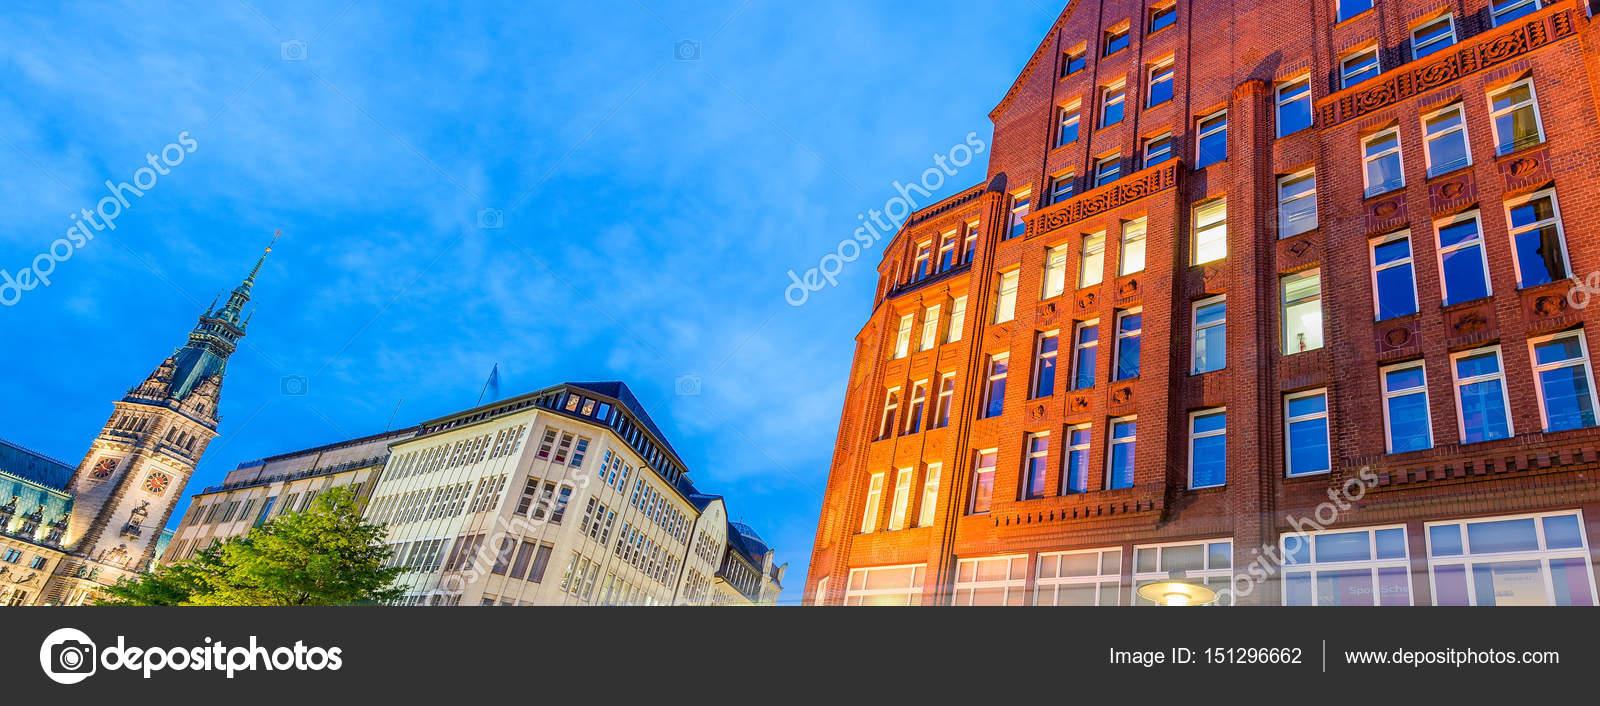 Der Stadt Hamburg straßen der stadt hamburg in der nacht stockfoto jovannig 151296662